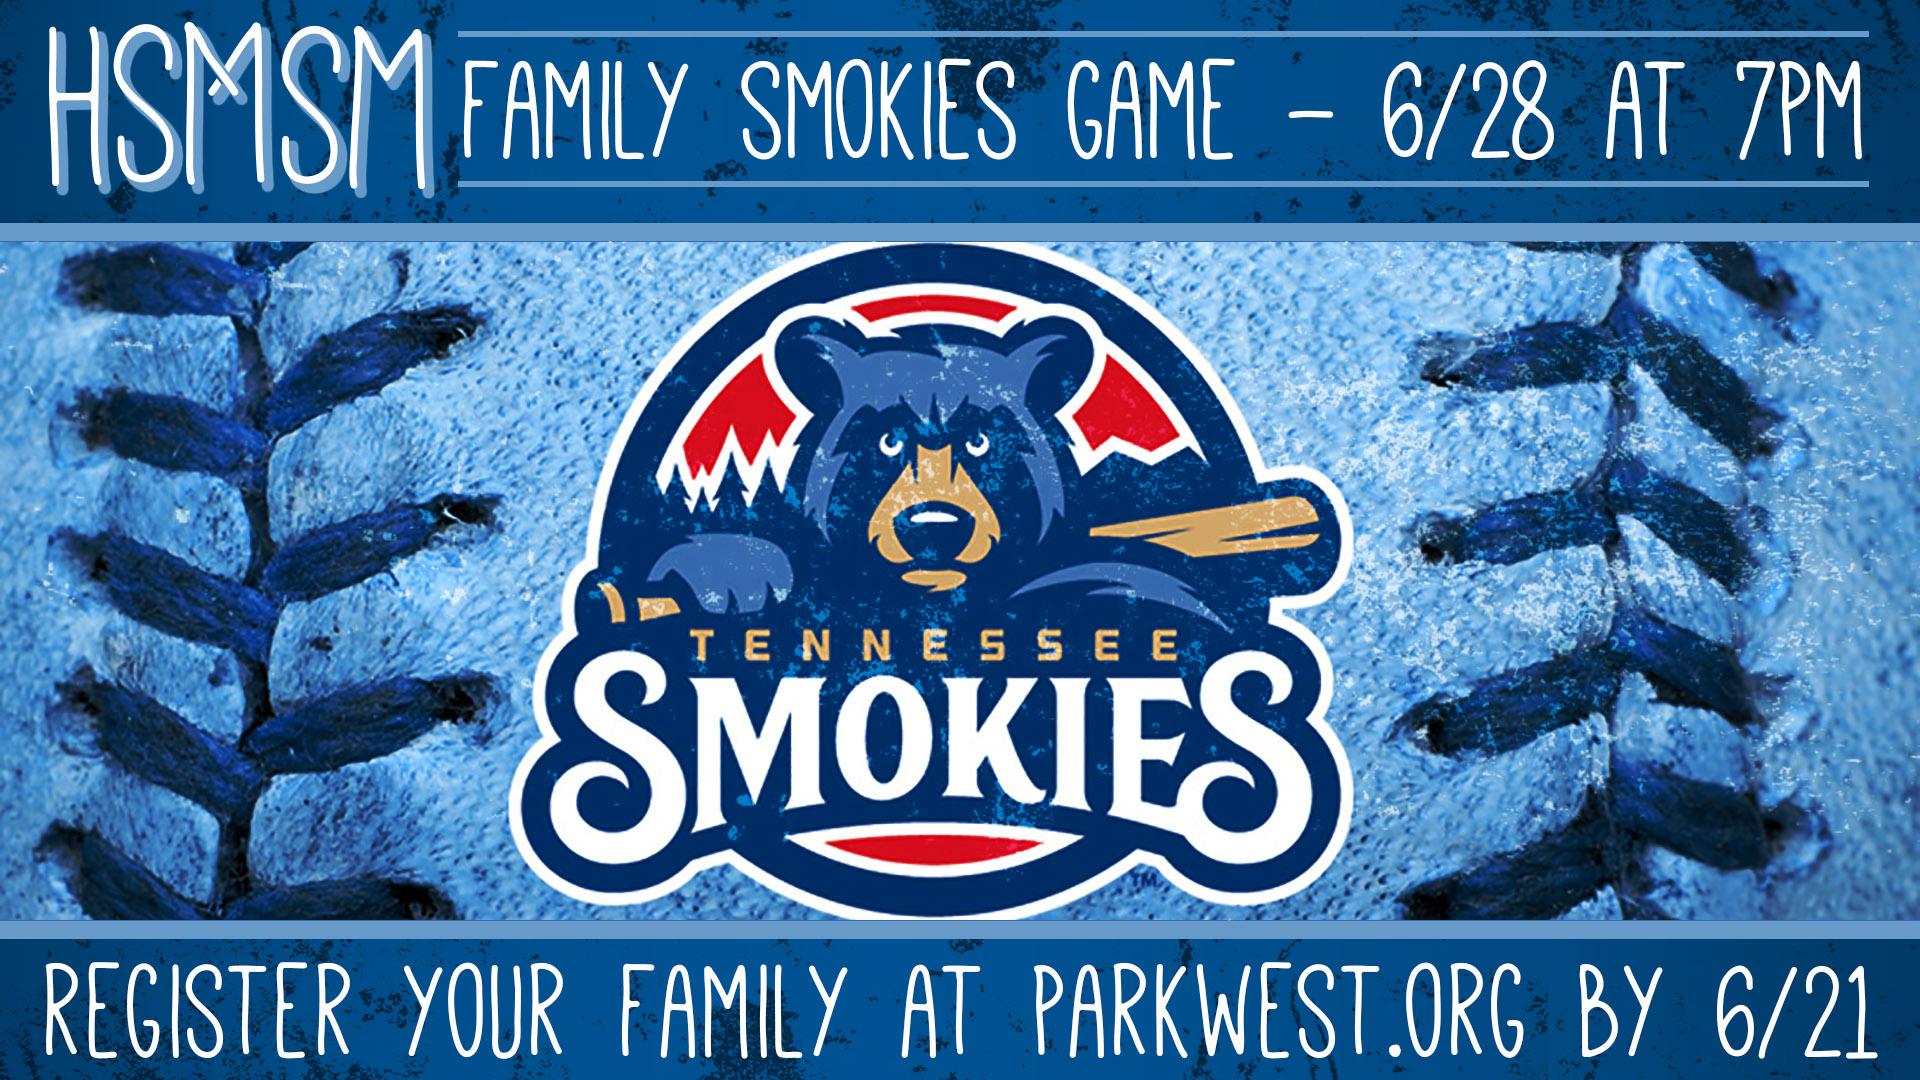 Family smokies game2